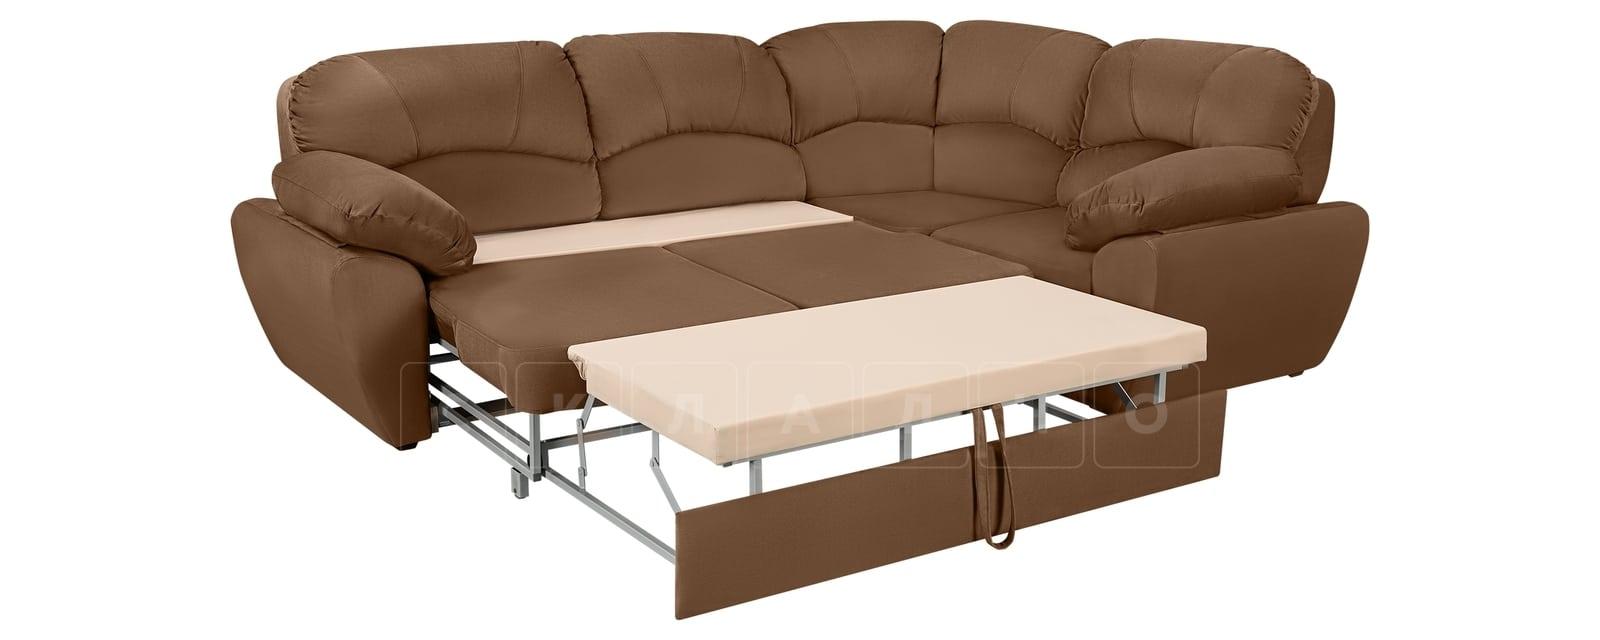 Угловой диван Эвита велюр коричневый правый угол фото 4 | интернет-магазин Складно